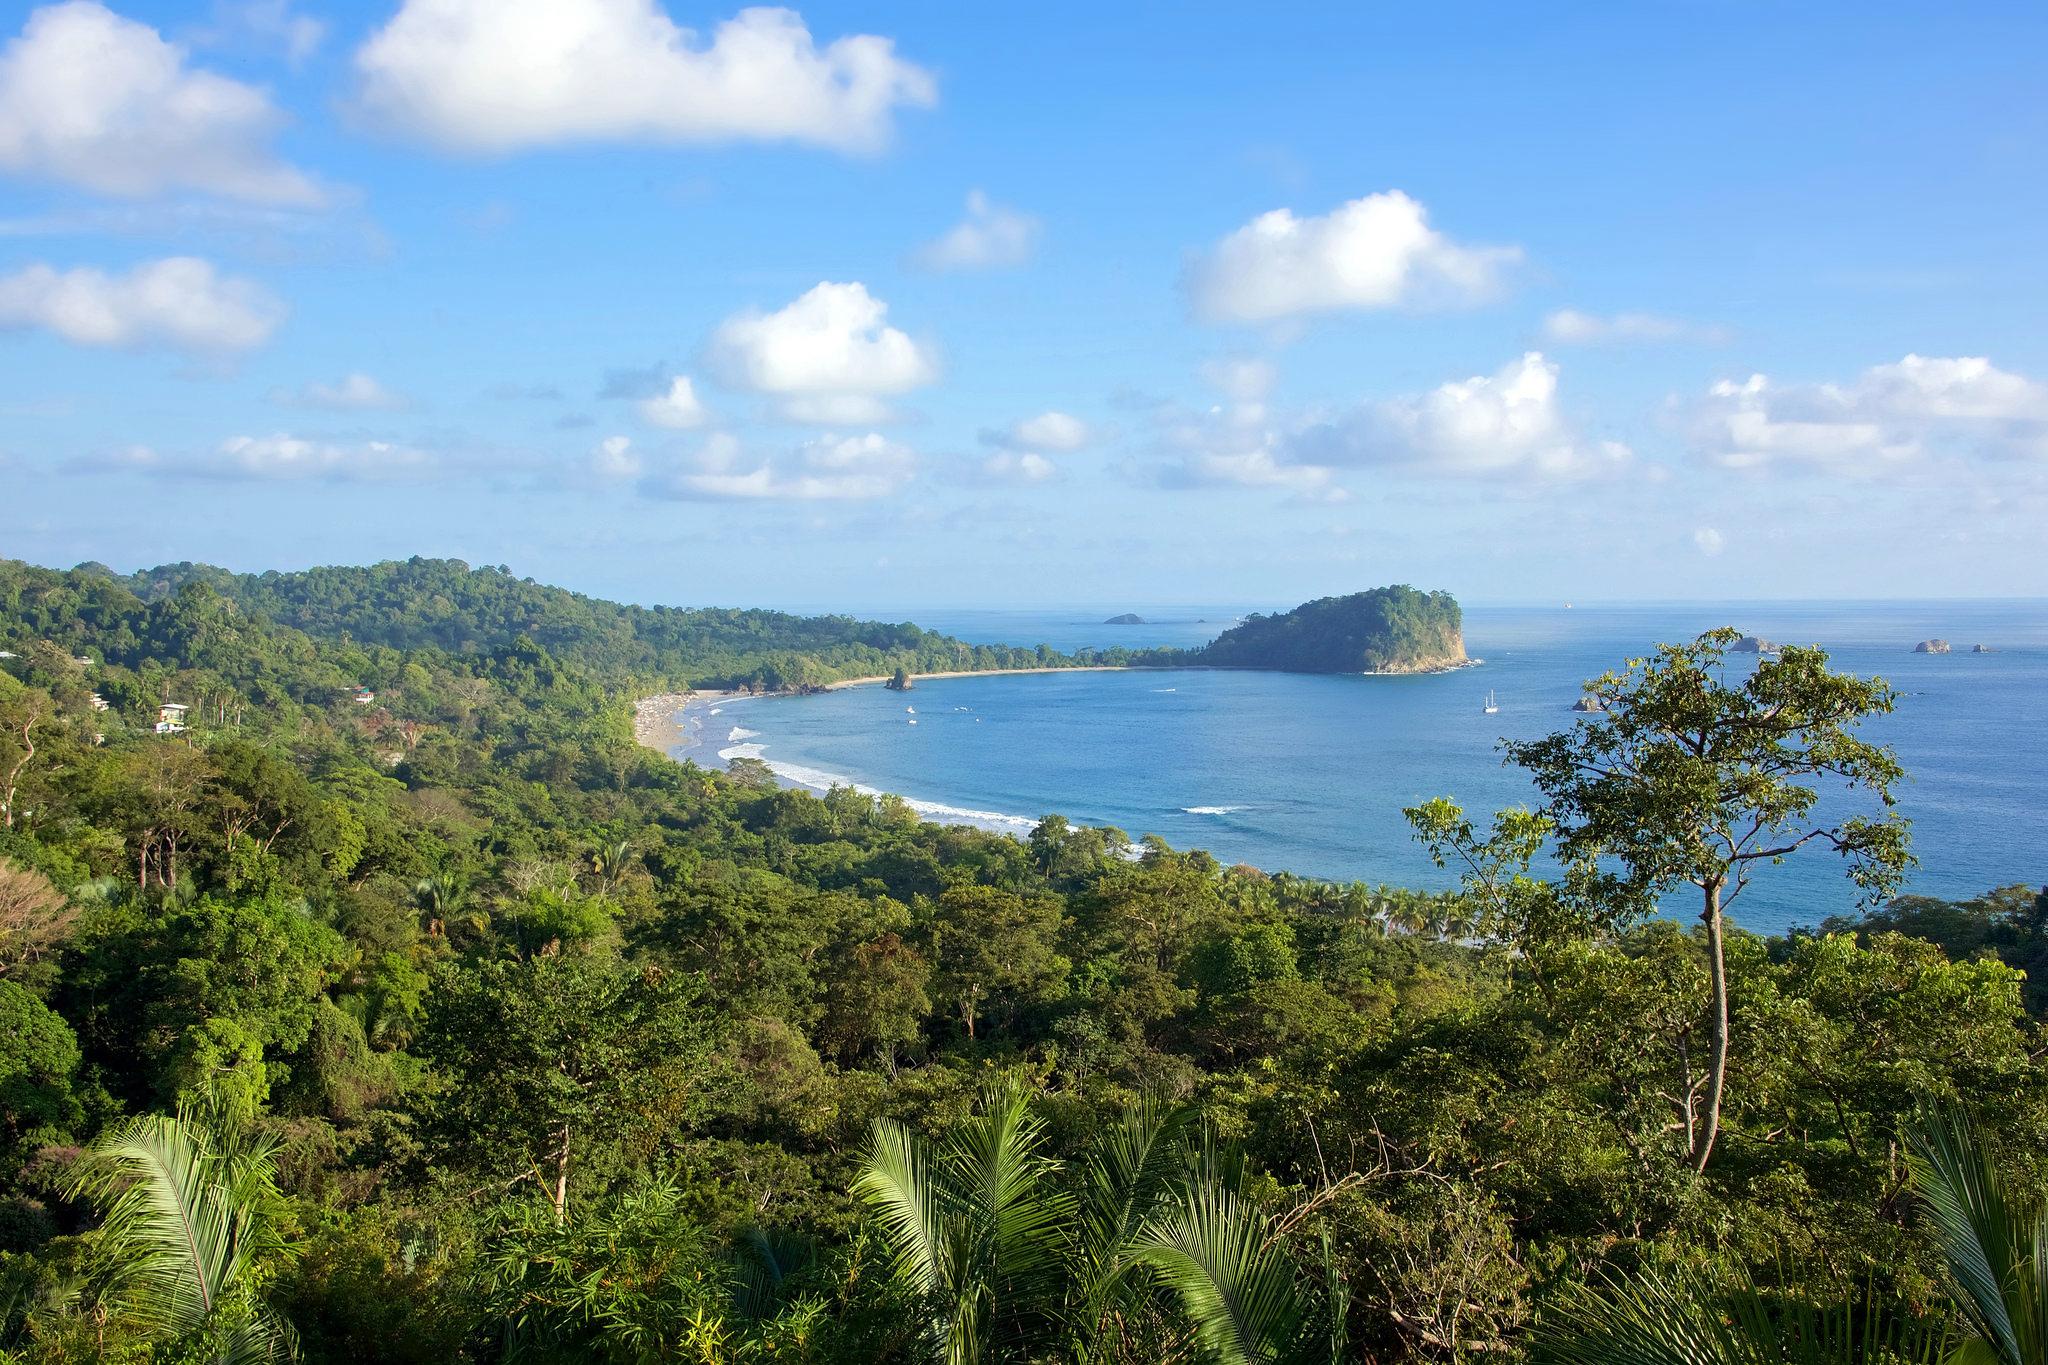 Costa Rica Karte Sehenswurdigkeiten.Top 10 Sehenswurdigkeiten In Costa Rica